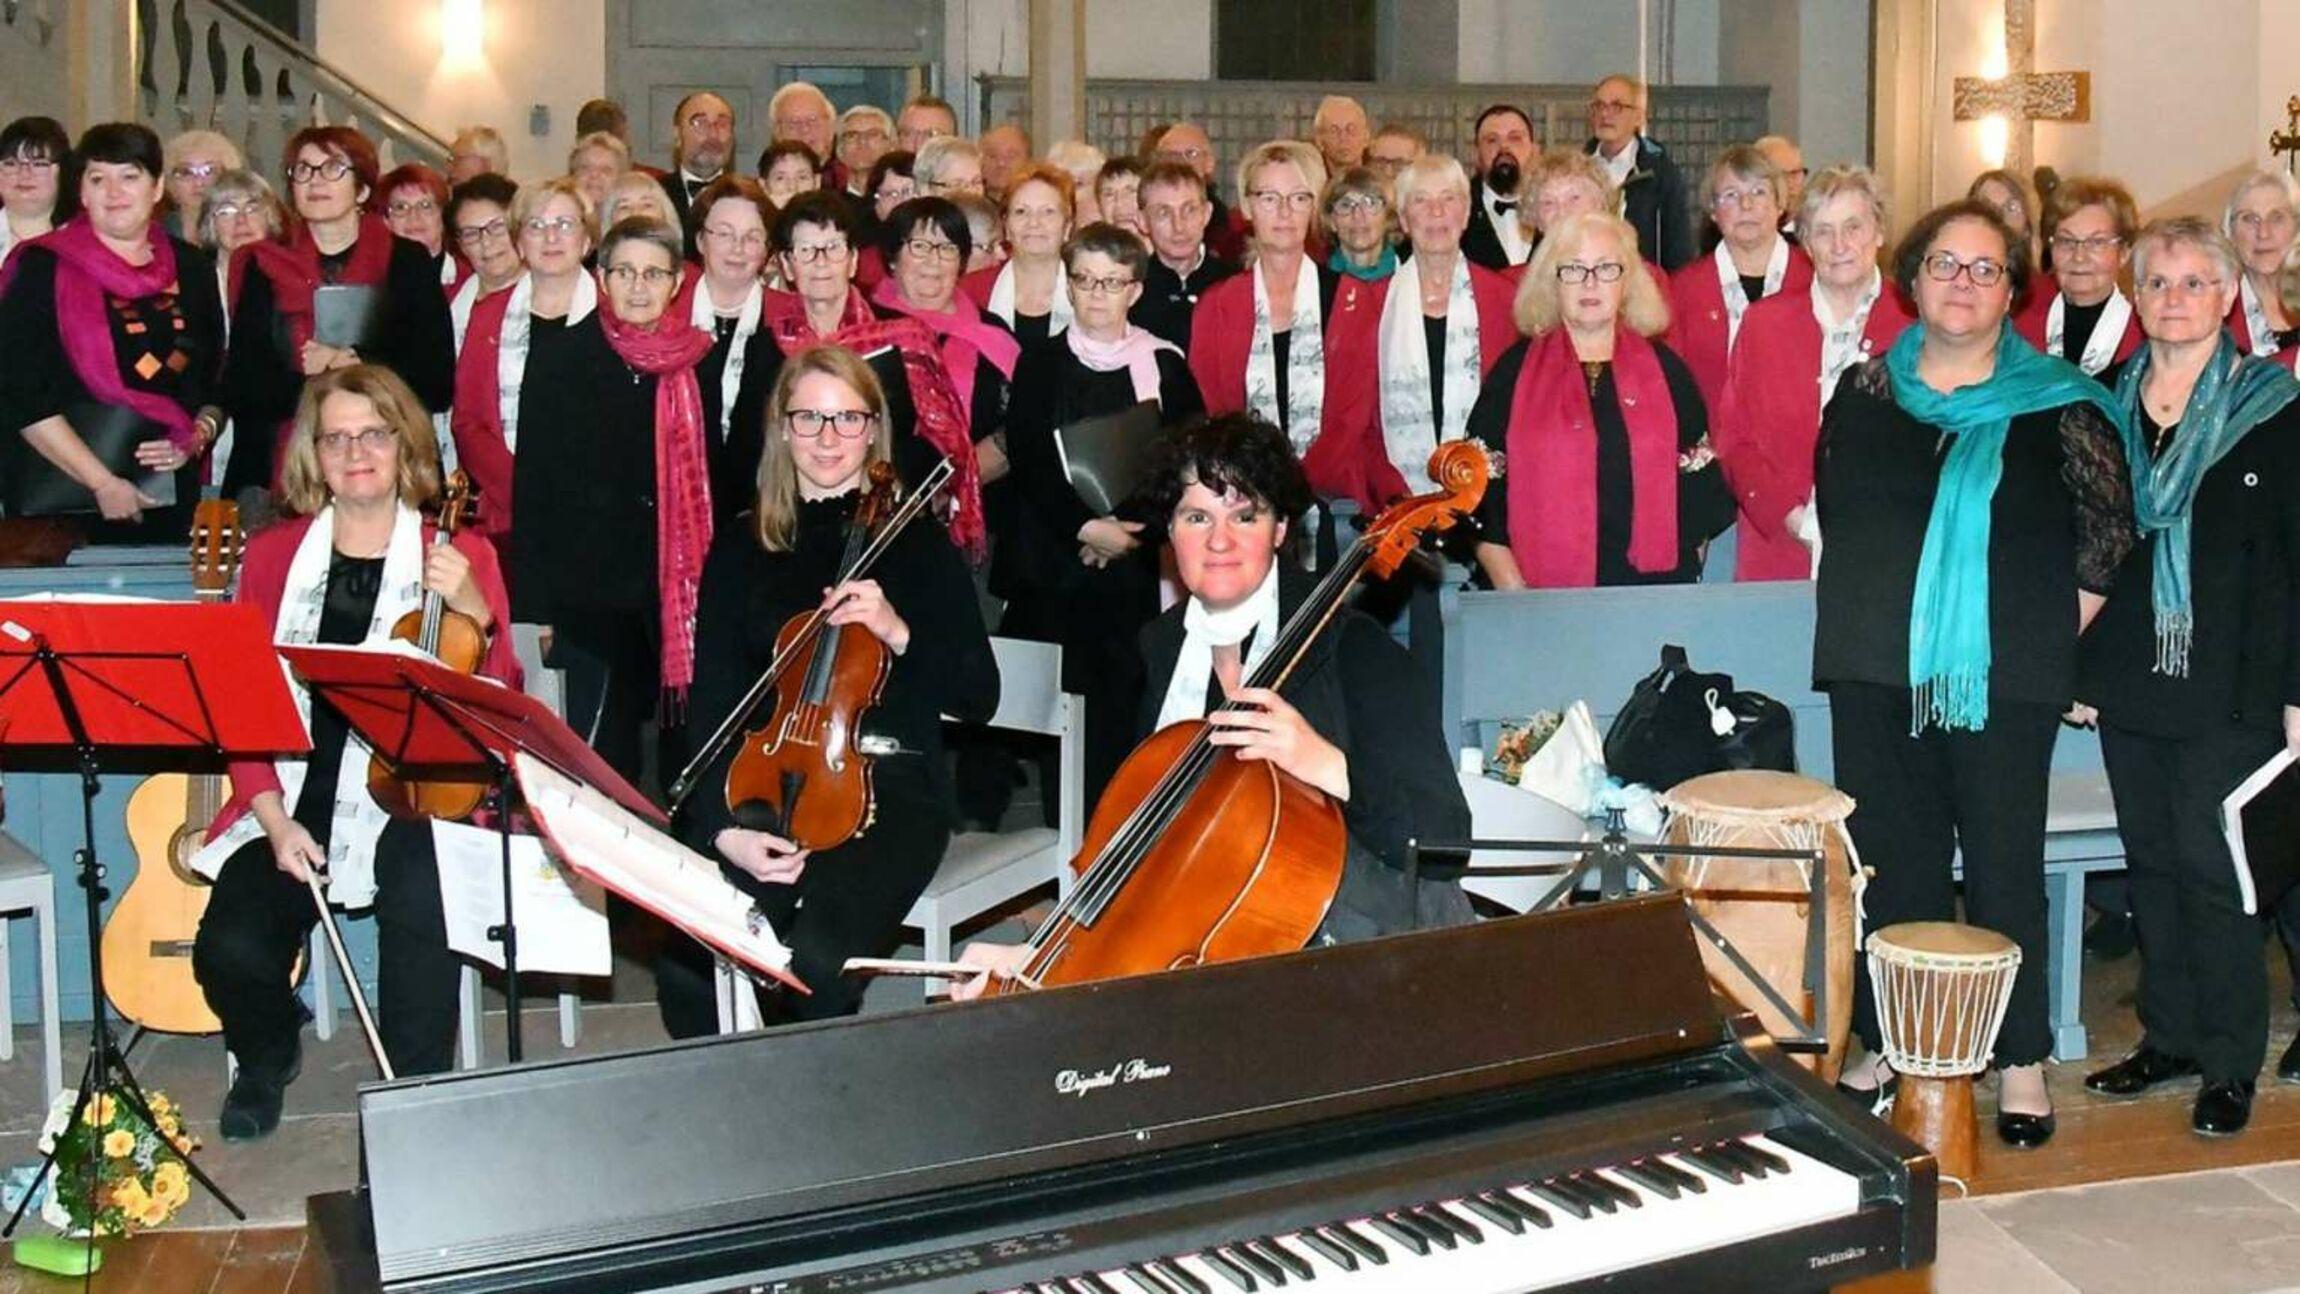 19-10-21Kreiszeitung Partnerschaftsjubiläum